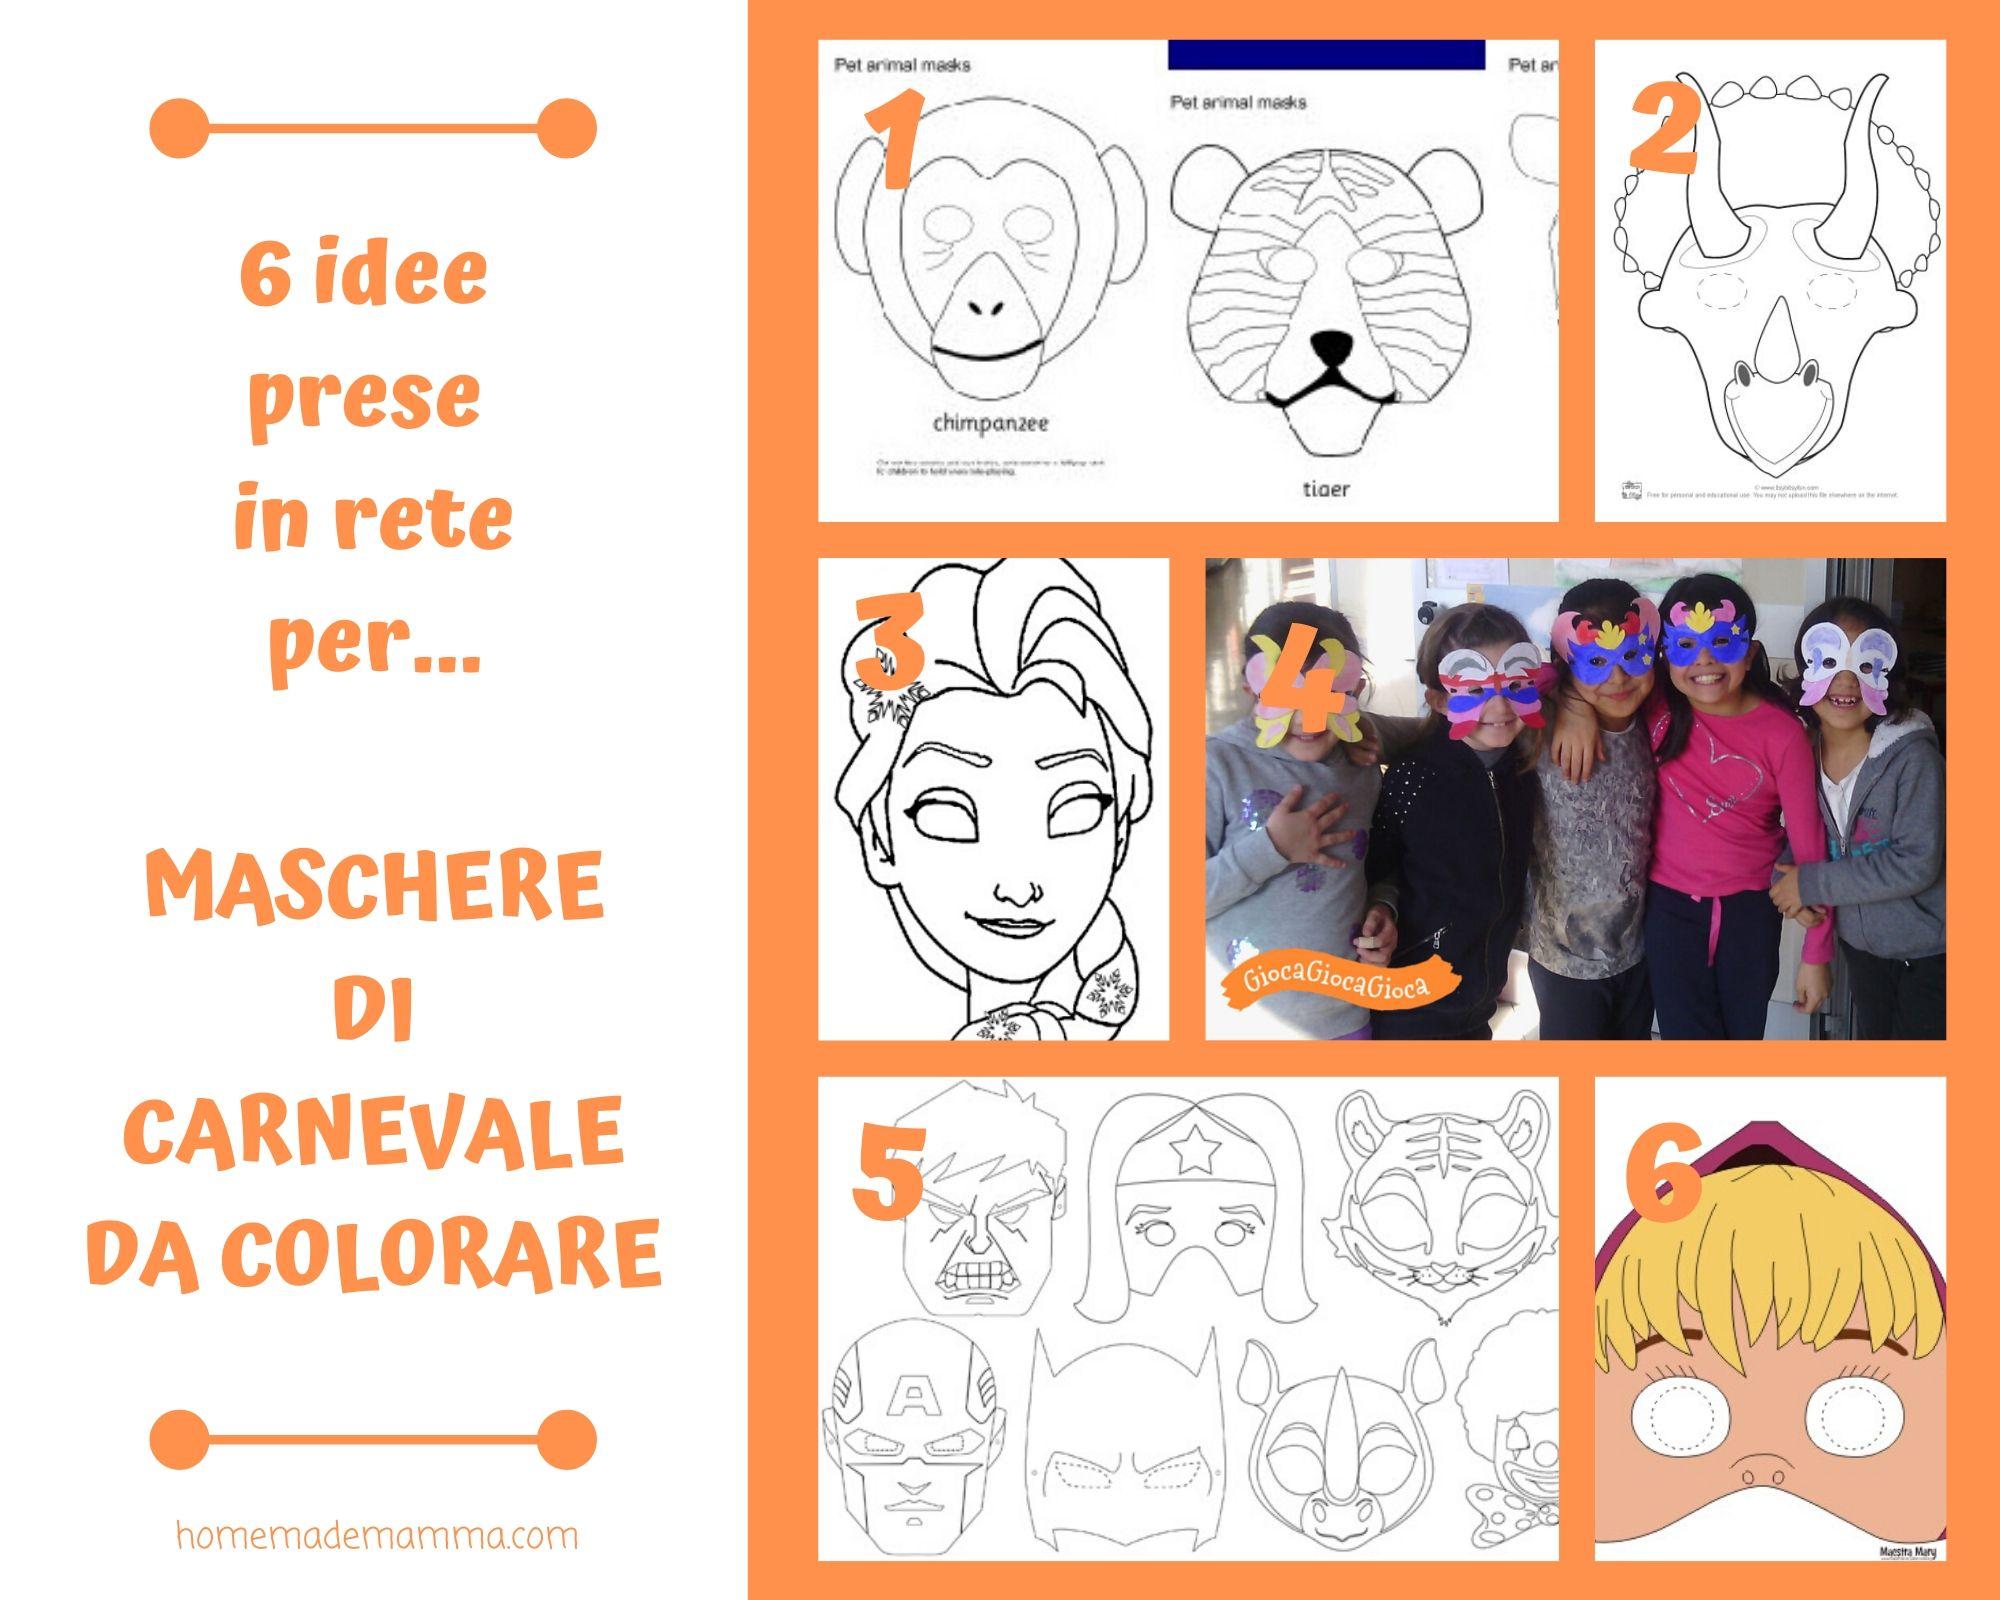 6 Idee Prese In Rete Per Maschere Di Carnevale Da Colorare